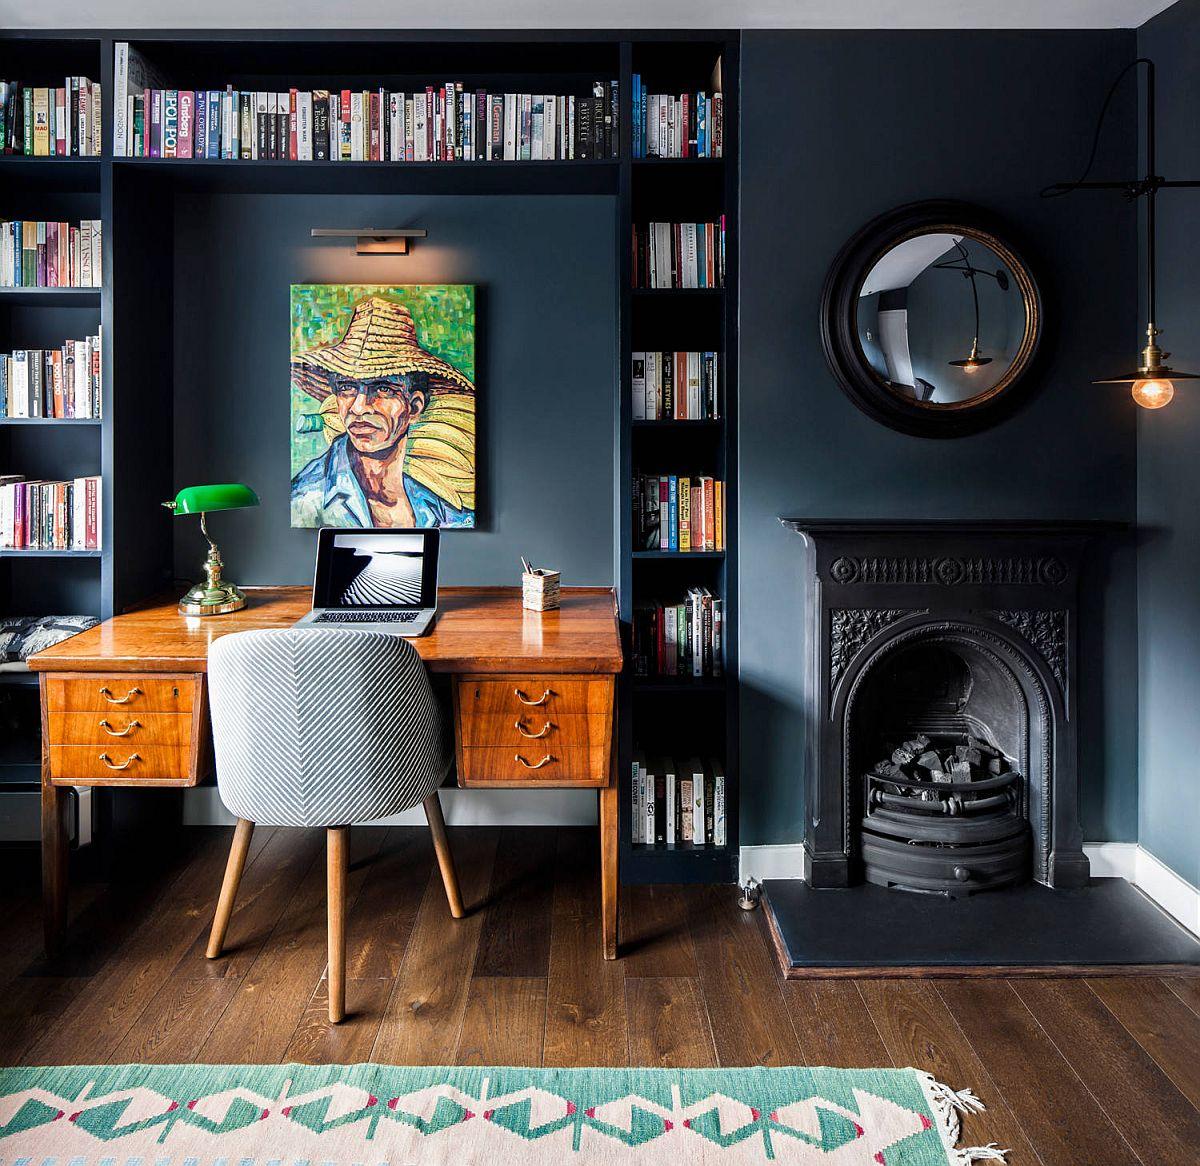 Phòng làm việc nhỏ tại nhà với phong cách chiết trung đầy màu sắc - Ảnh 6.